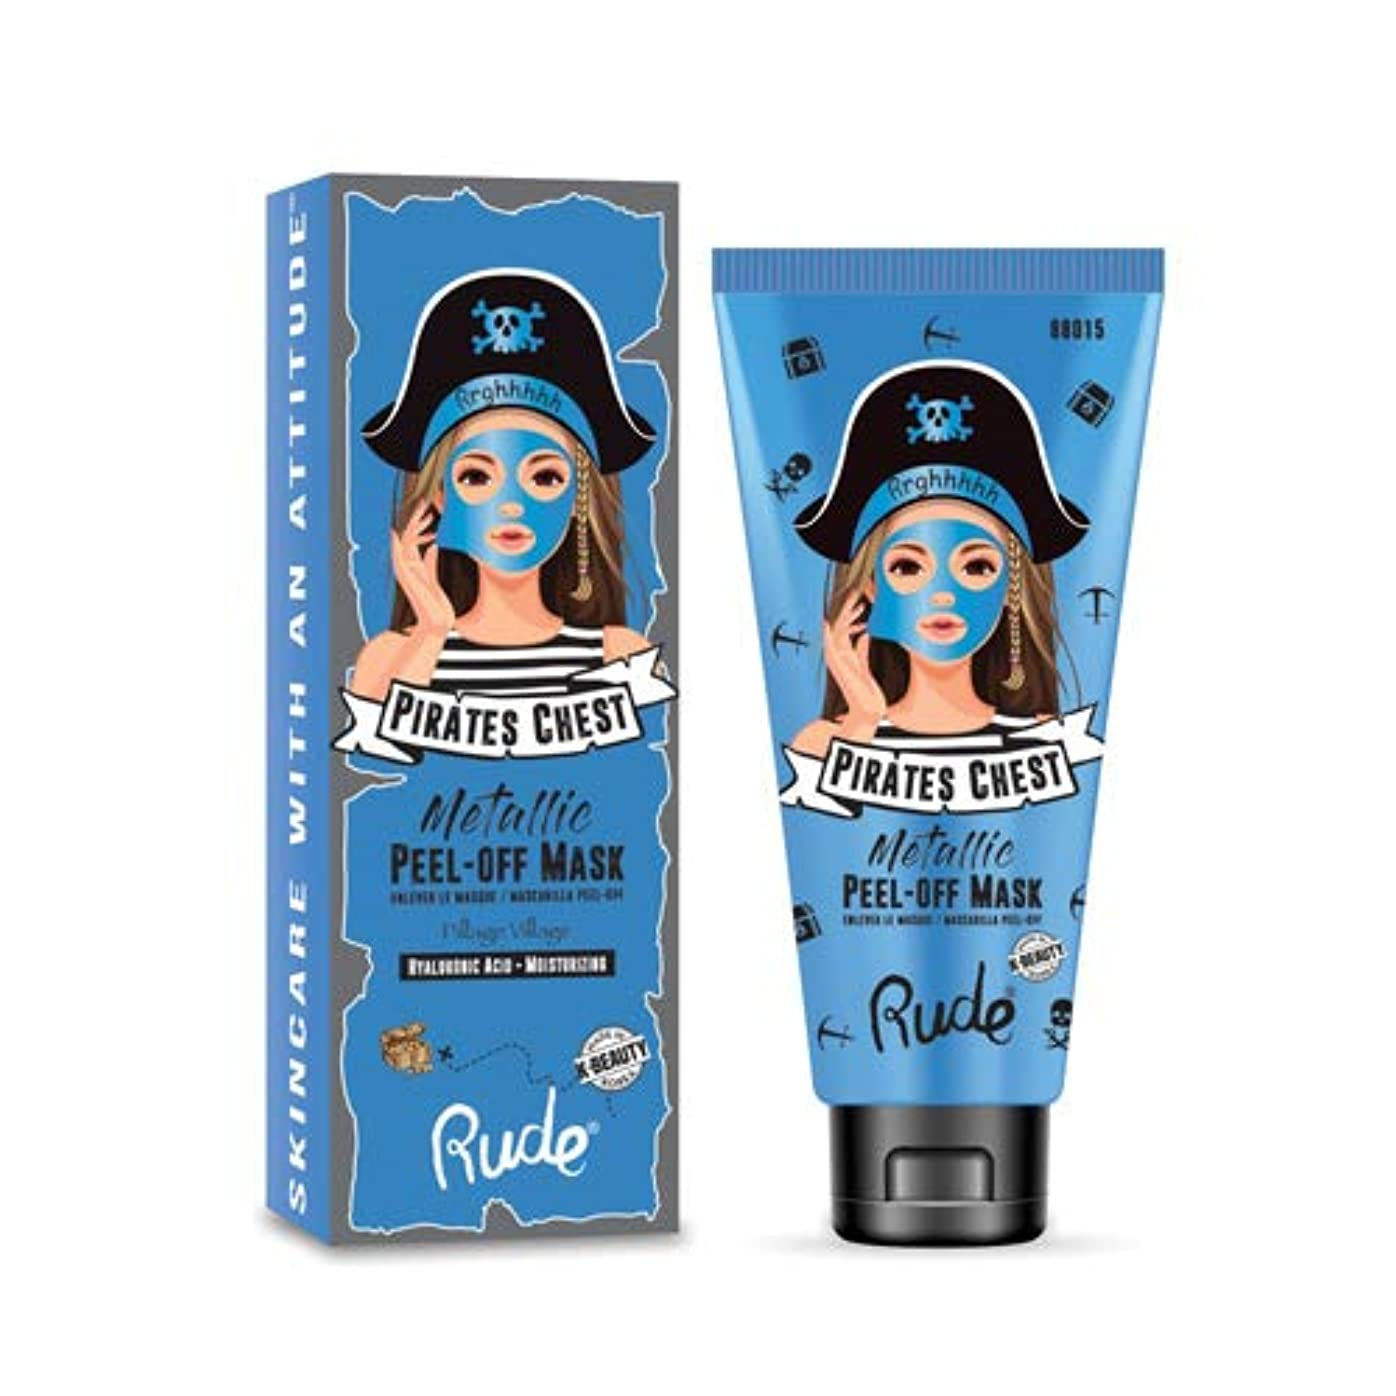 オッズオッズ征服する(6 Pack) RUDE? Pirate's Chest Metallic Peel-off Mask - Pillage Village (並行輸入品)